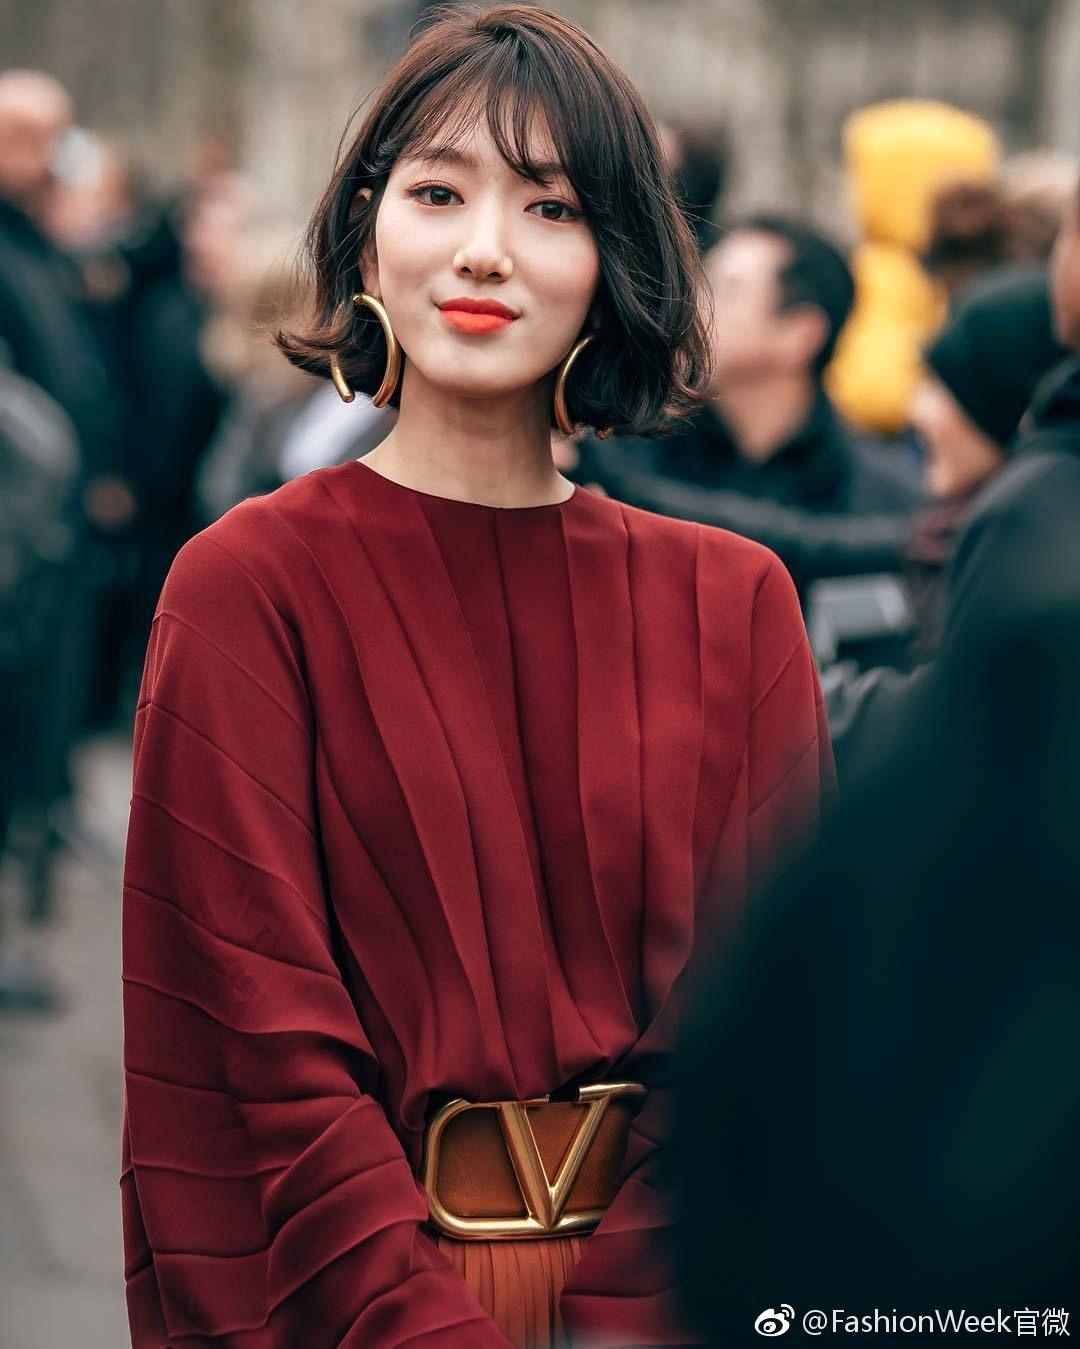 phong cách thời trang tại tuần lễ thời trang Park shin hye 8